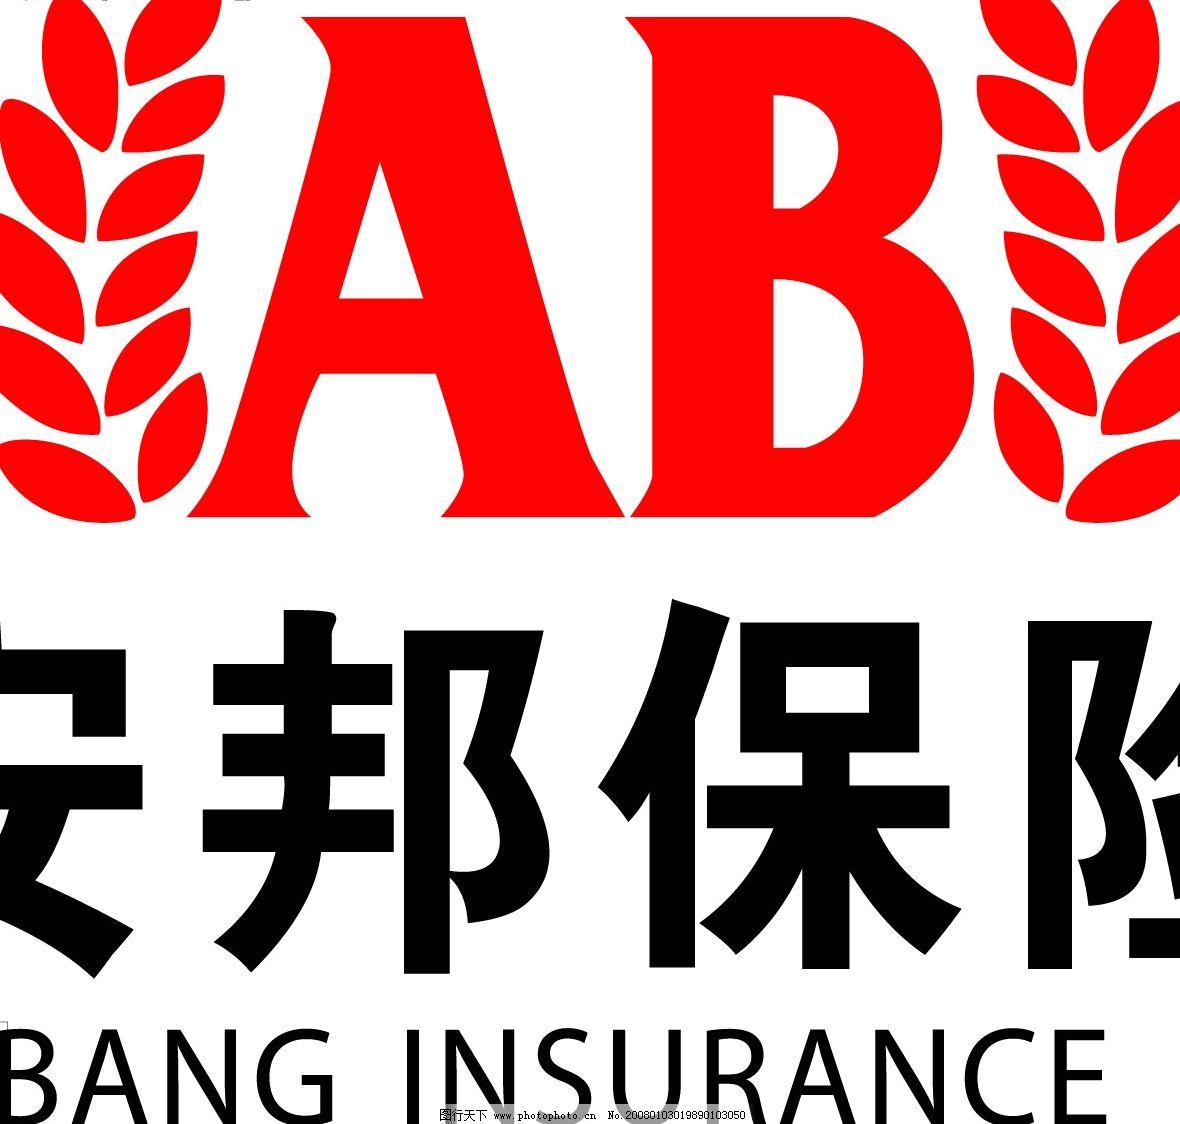 安邦保险标志 标识标志图标 公共标识标志 矢量图库   cdr